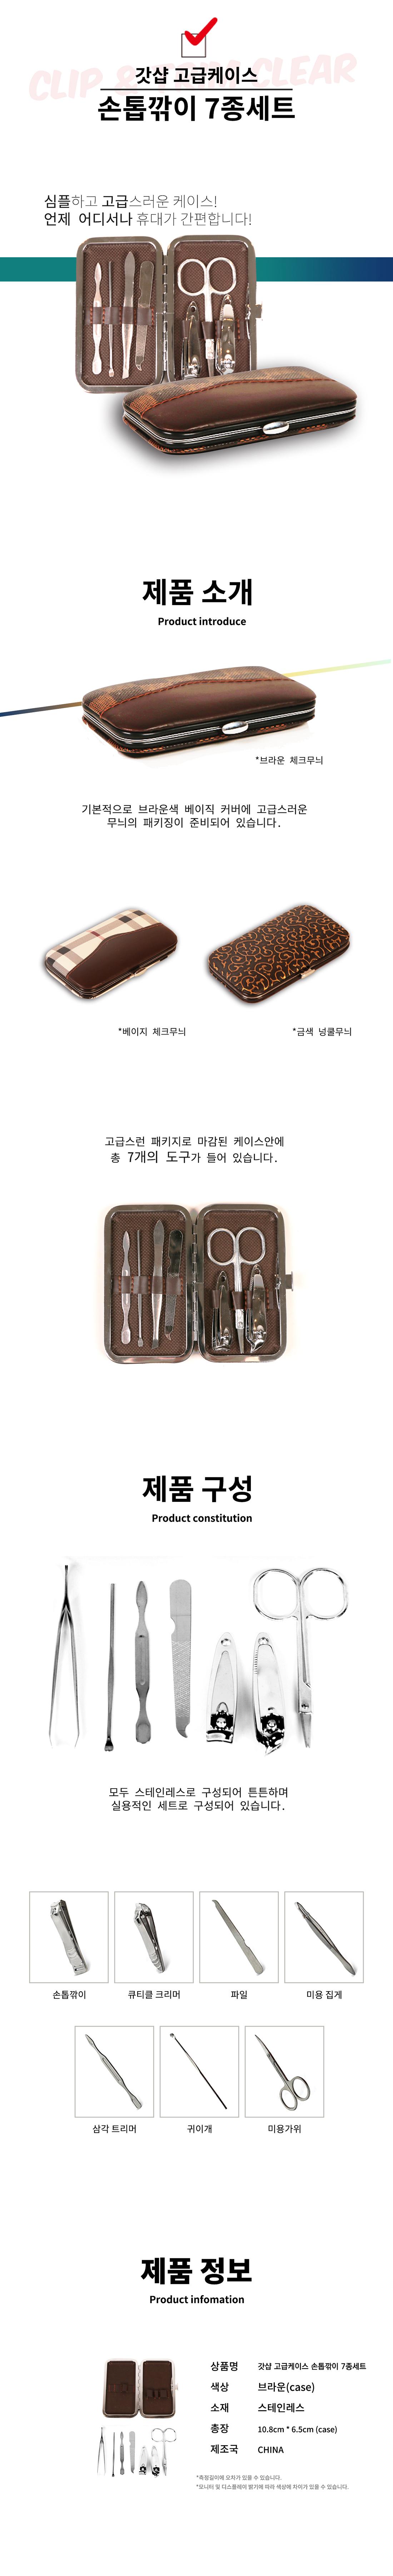 갓샵 고급 손톱깎이 네일 관리 7종 세트 - 갓샵, 4,900원, 네일, 관리도구